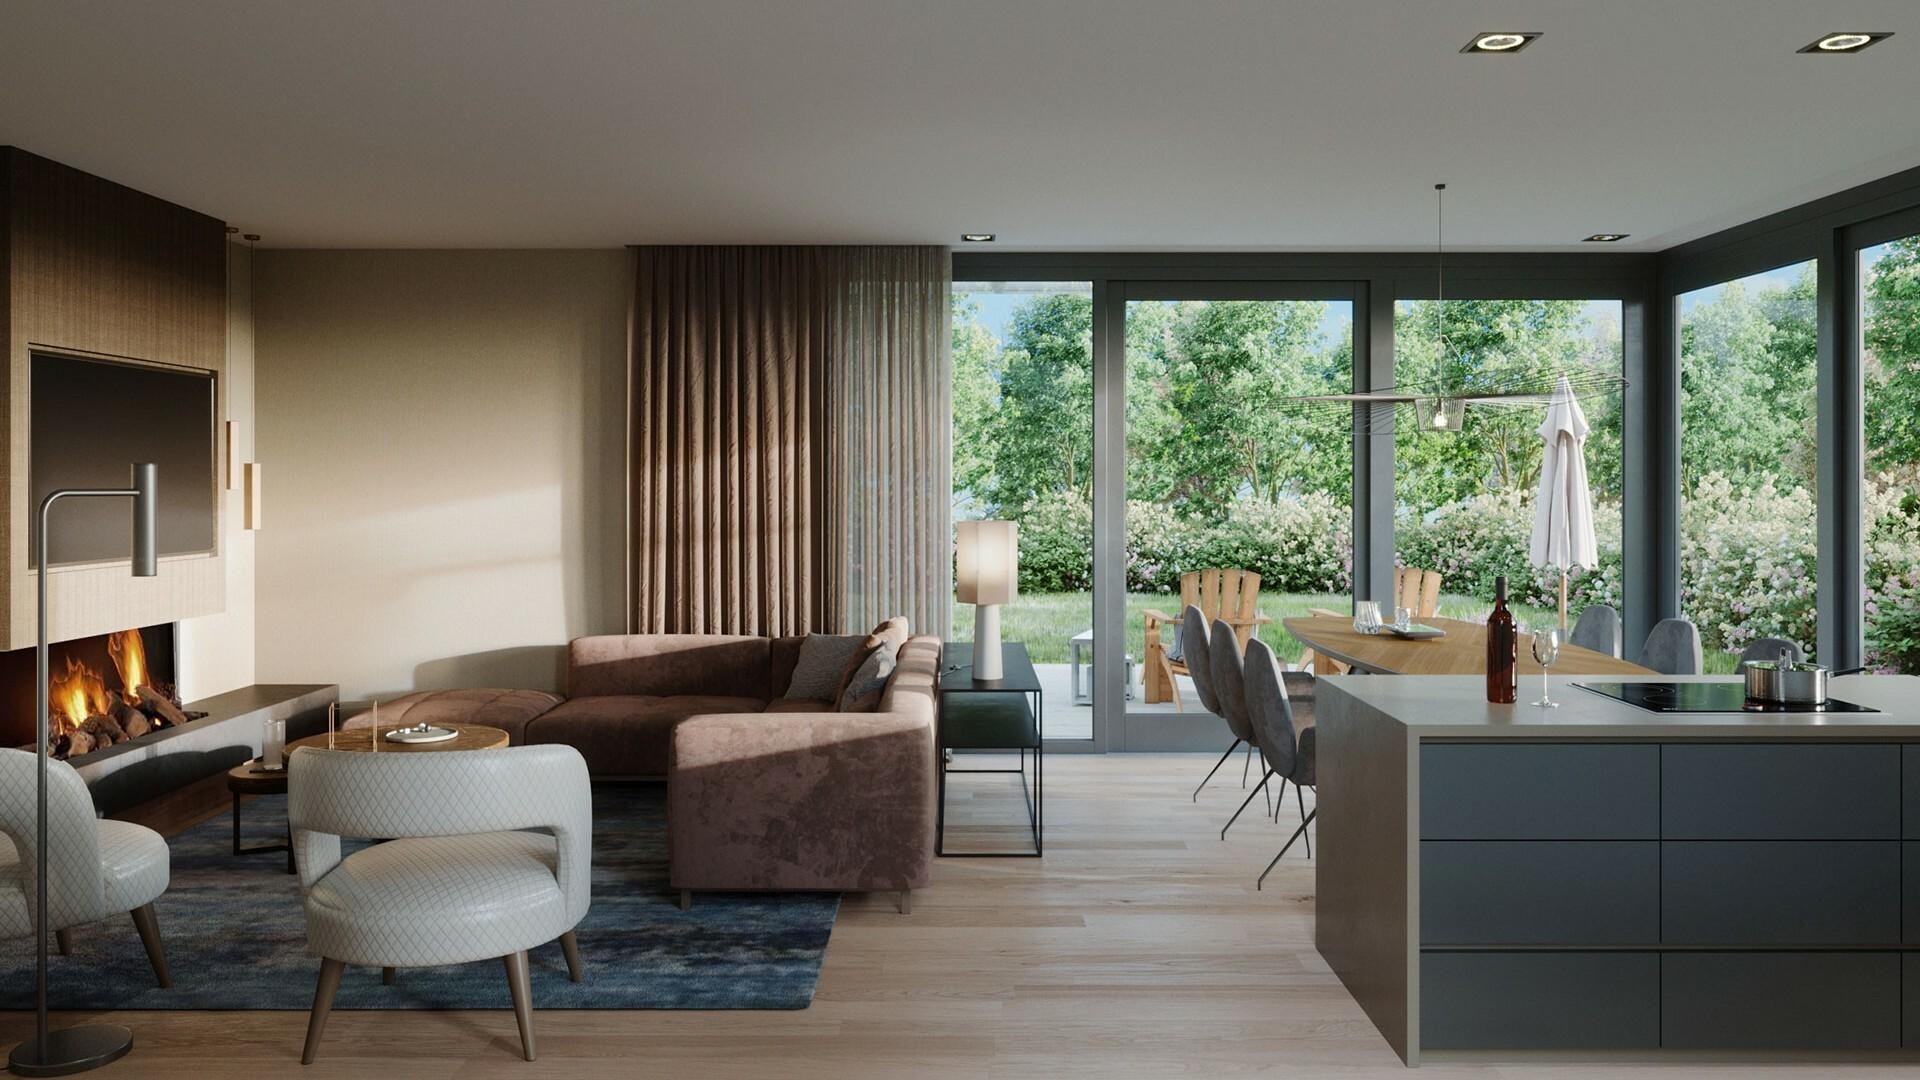 Luxe villa met sfeerhaard op Villapark De Koog VVV Texelk